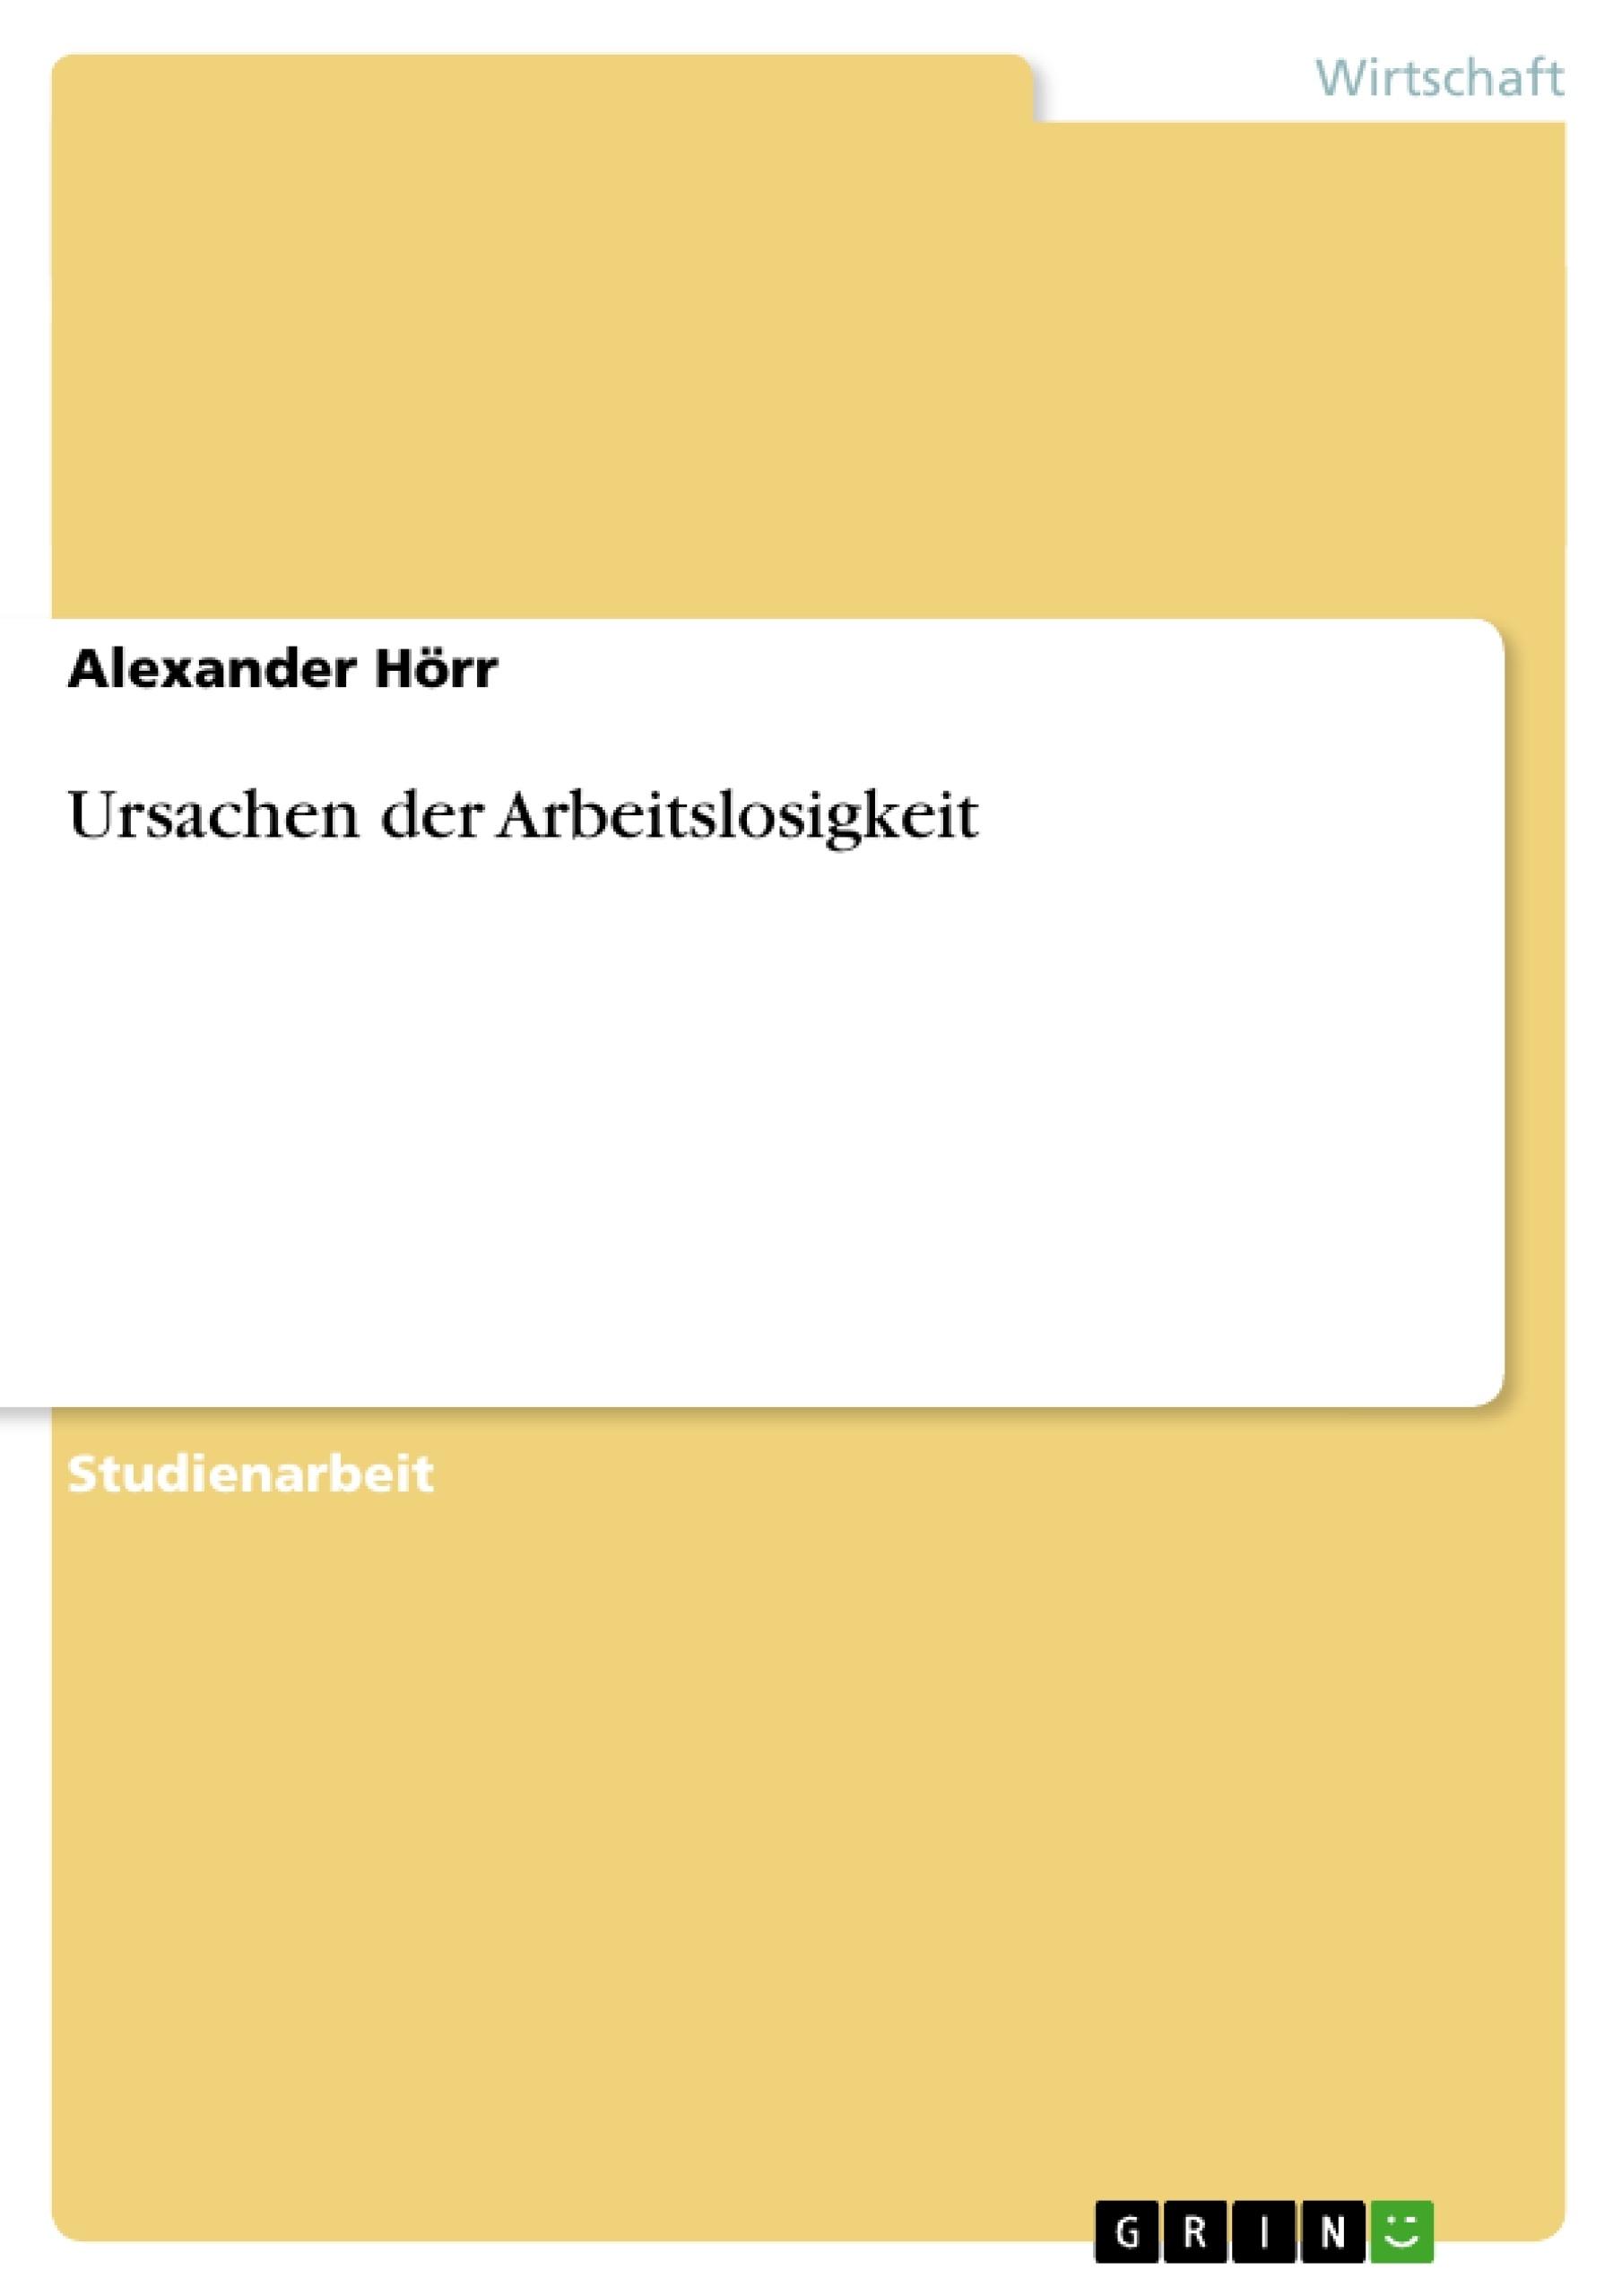 Titel: Ursachen der Arbeitslosigkeit